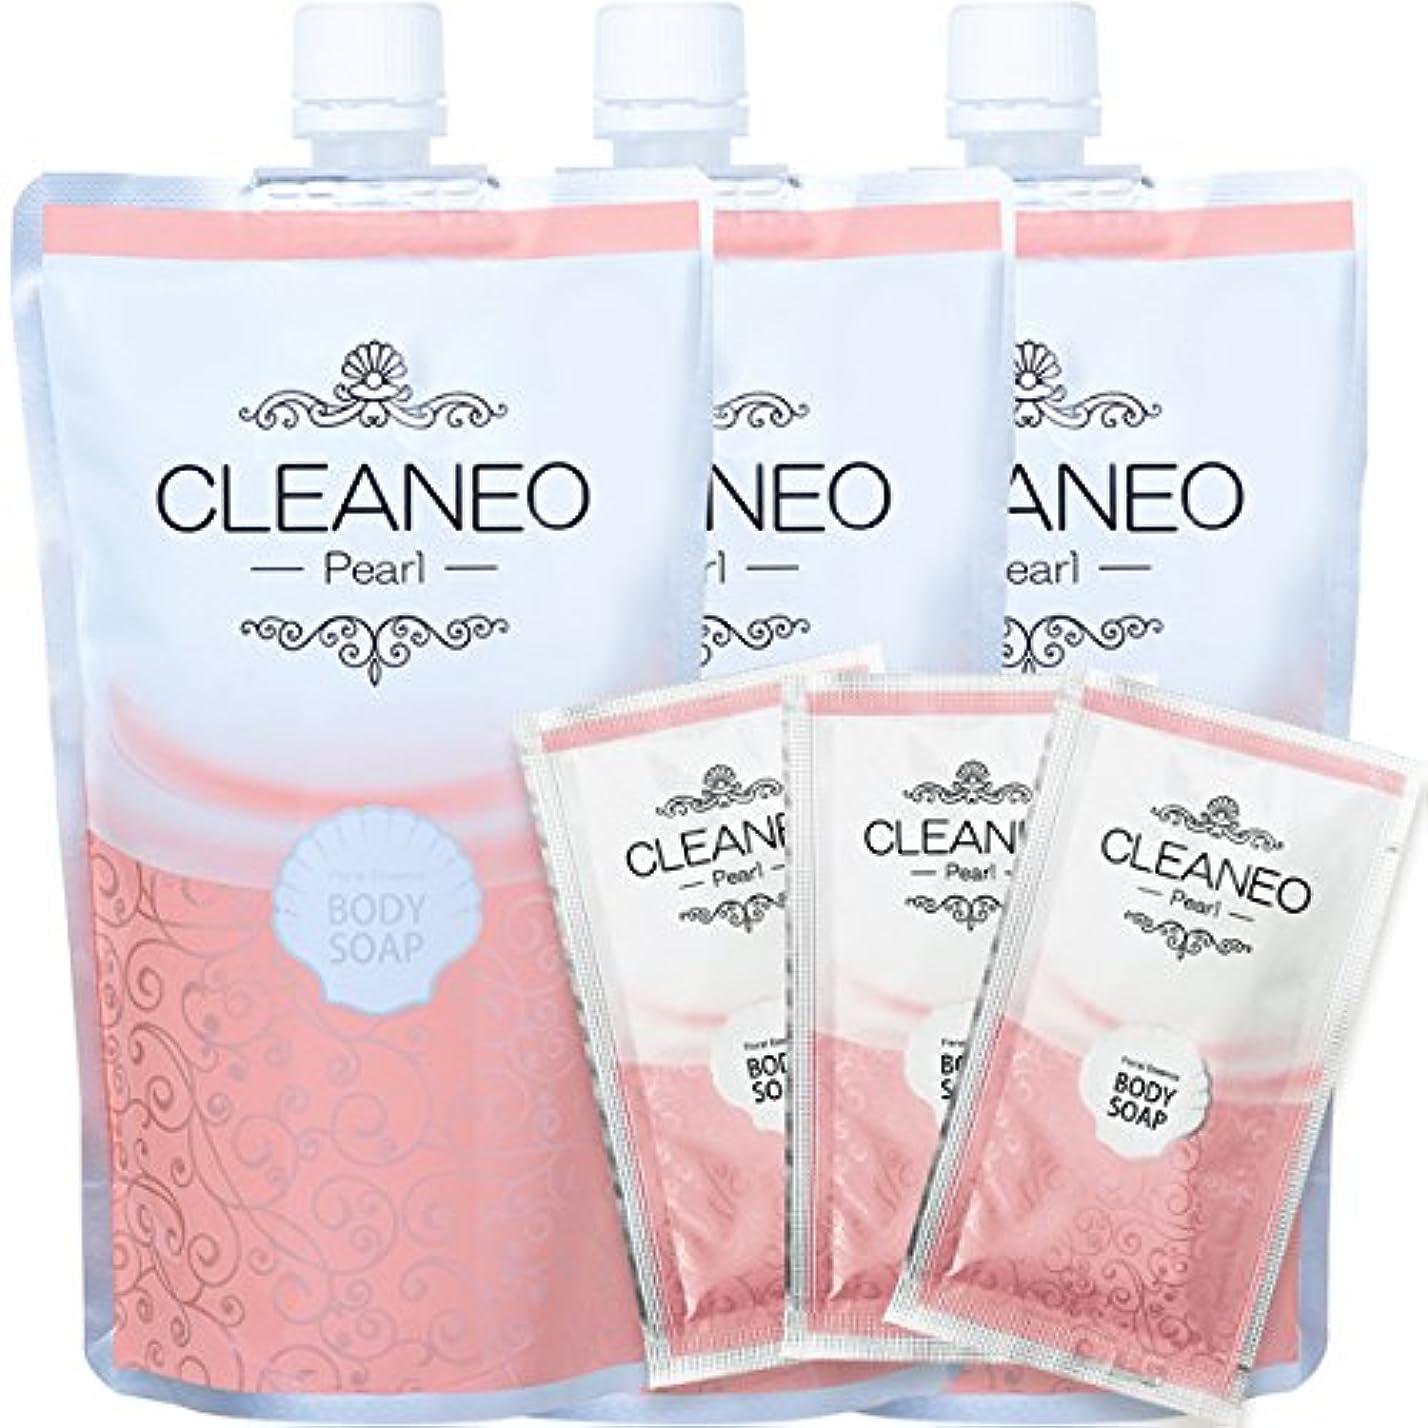 クリアネオ公式(CLEANEO) パール オーガニック ボディソープ?透明感のある美肌へ 詰替300ml ×3 + パールパウチセット